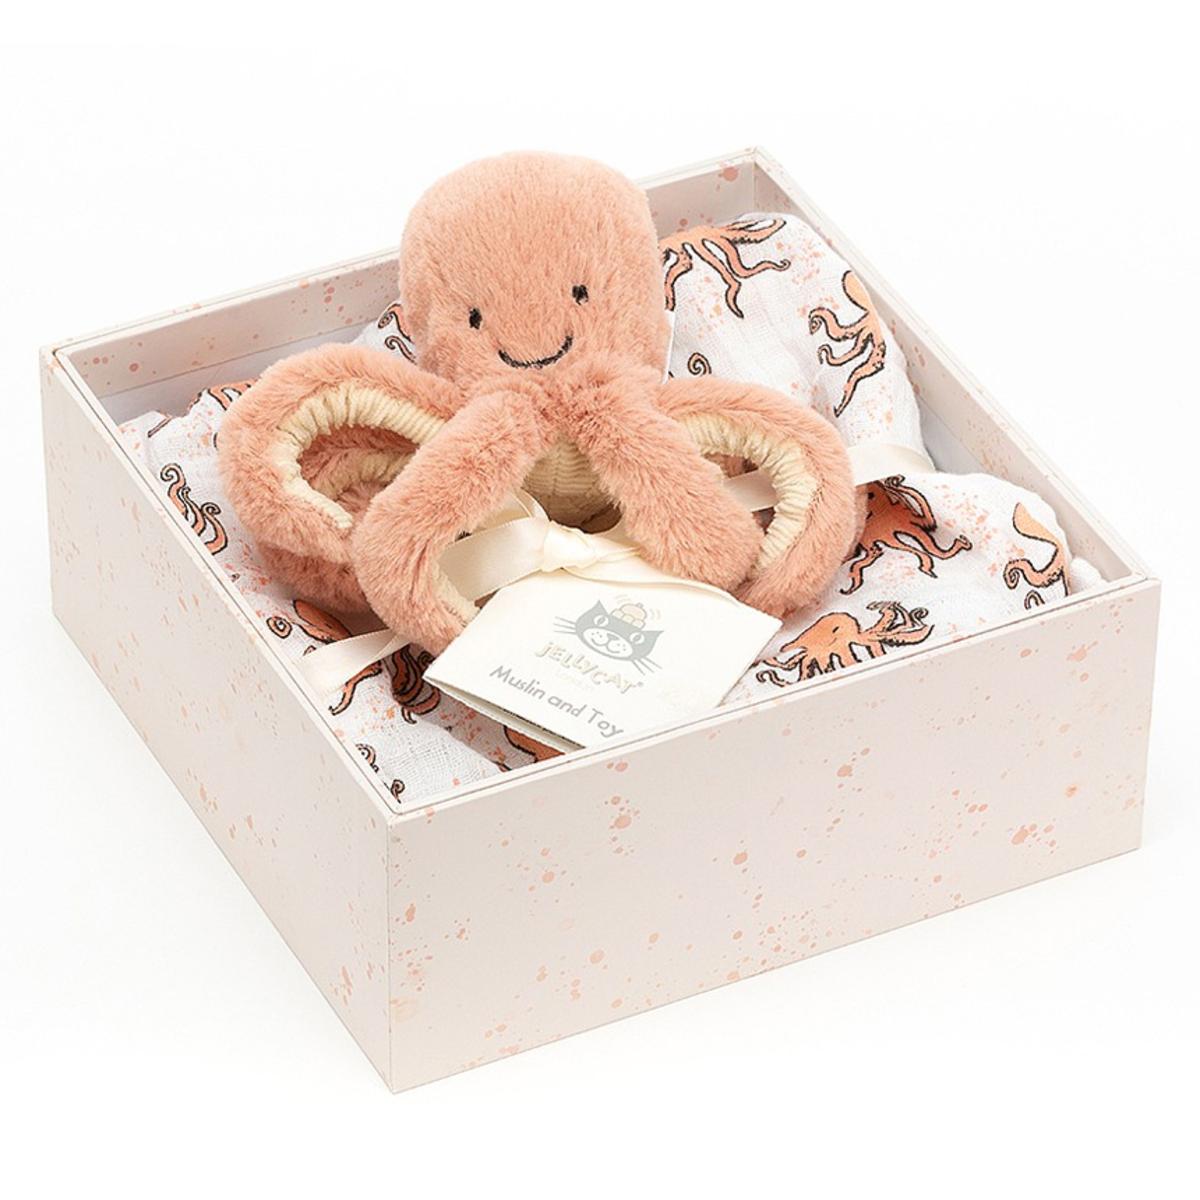 Lange Boîte Cadeau Odell Octopus - Rose Boîte Cadeau Odell Octopus - Rose